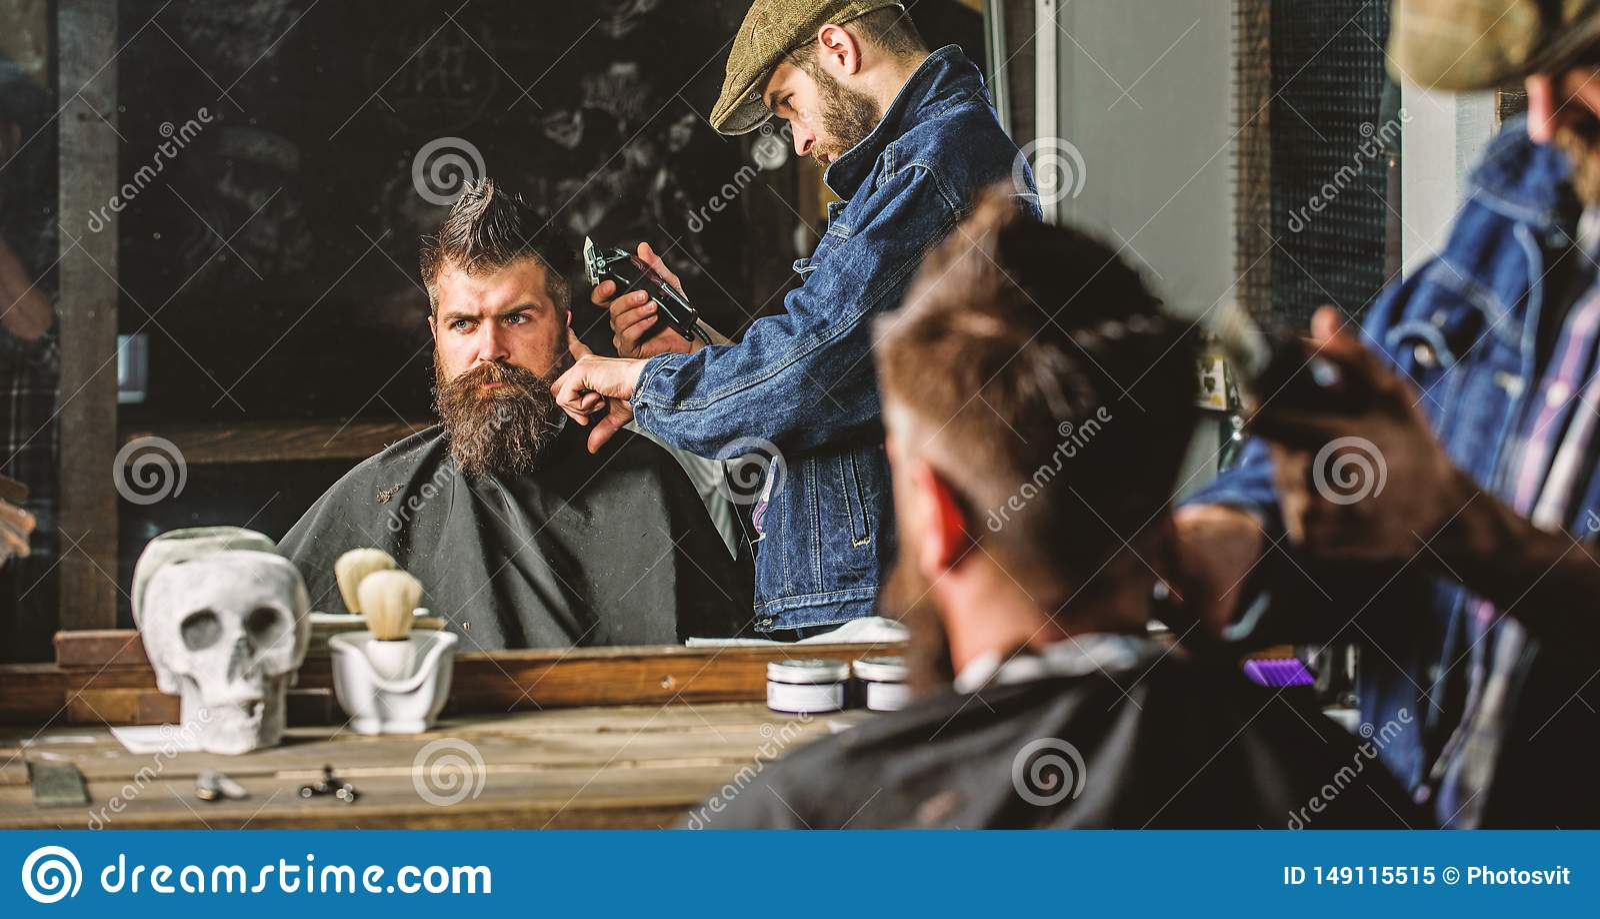 Ostrzy?enia poj?cie Fryzjer m?ski z w?osianym c??ki pracuje na fryzurze dla m??czyzna z brod?, zak?adu fryzjerskiego t?o Modnisia